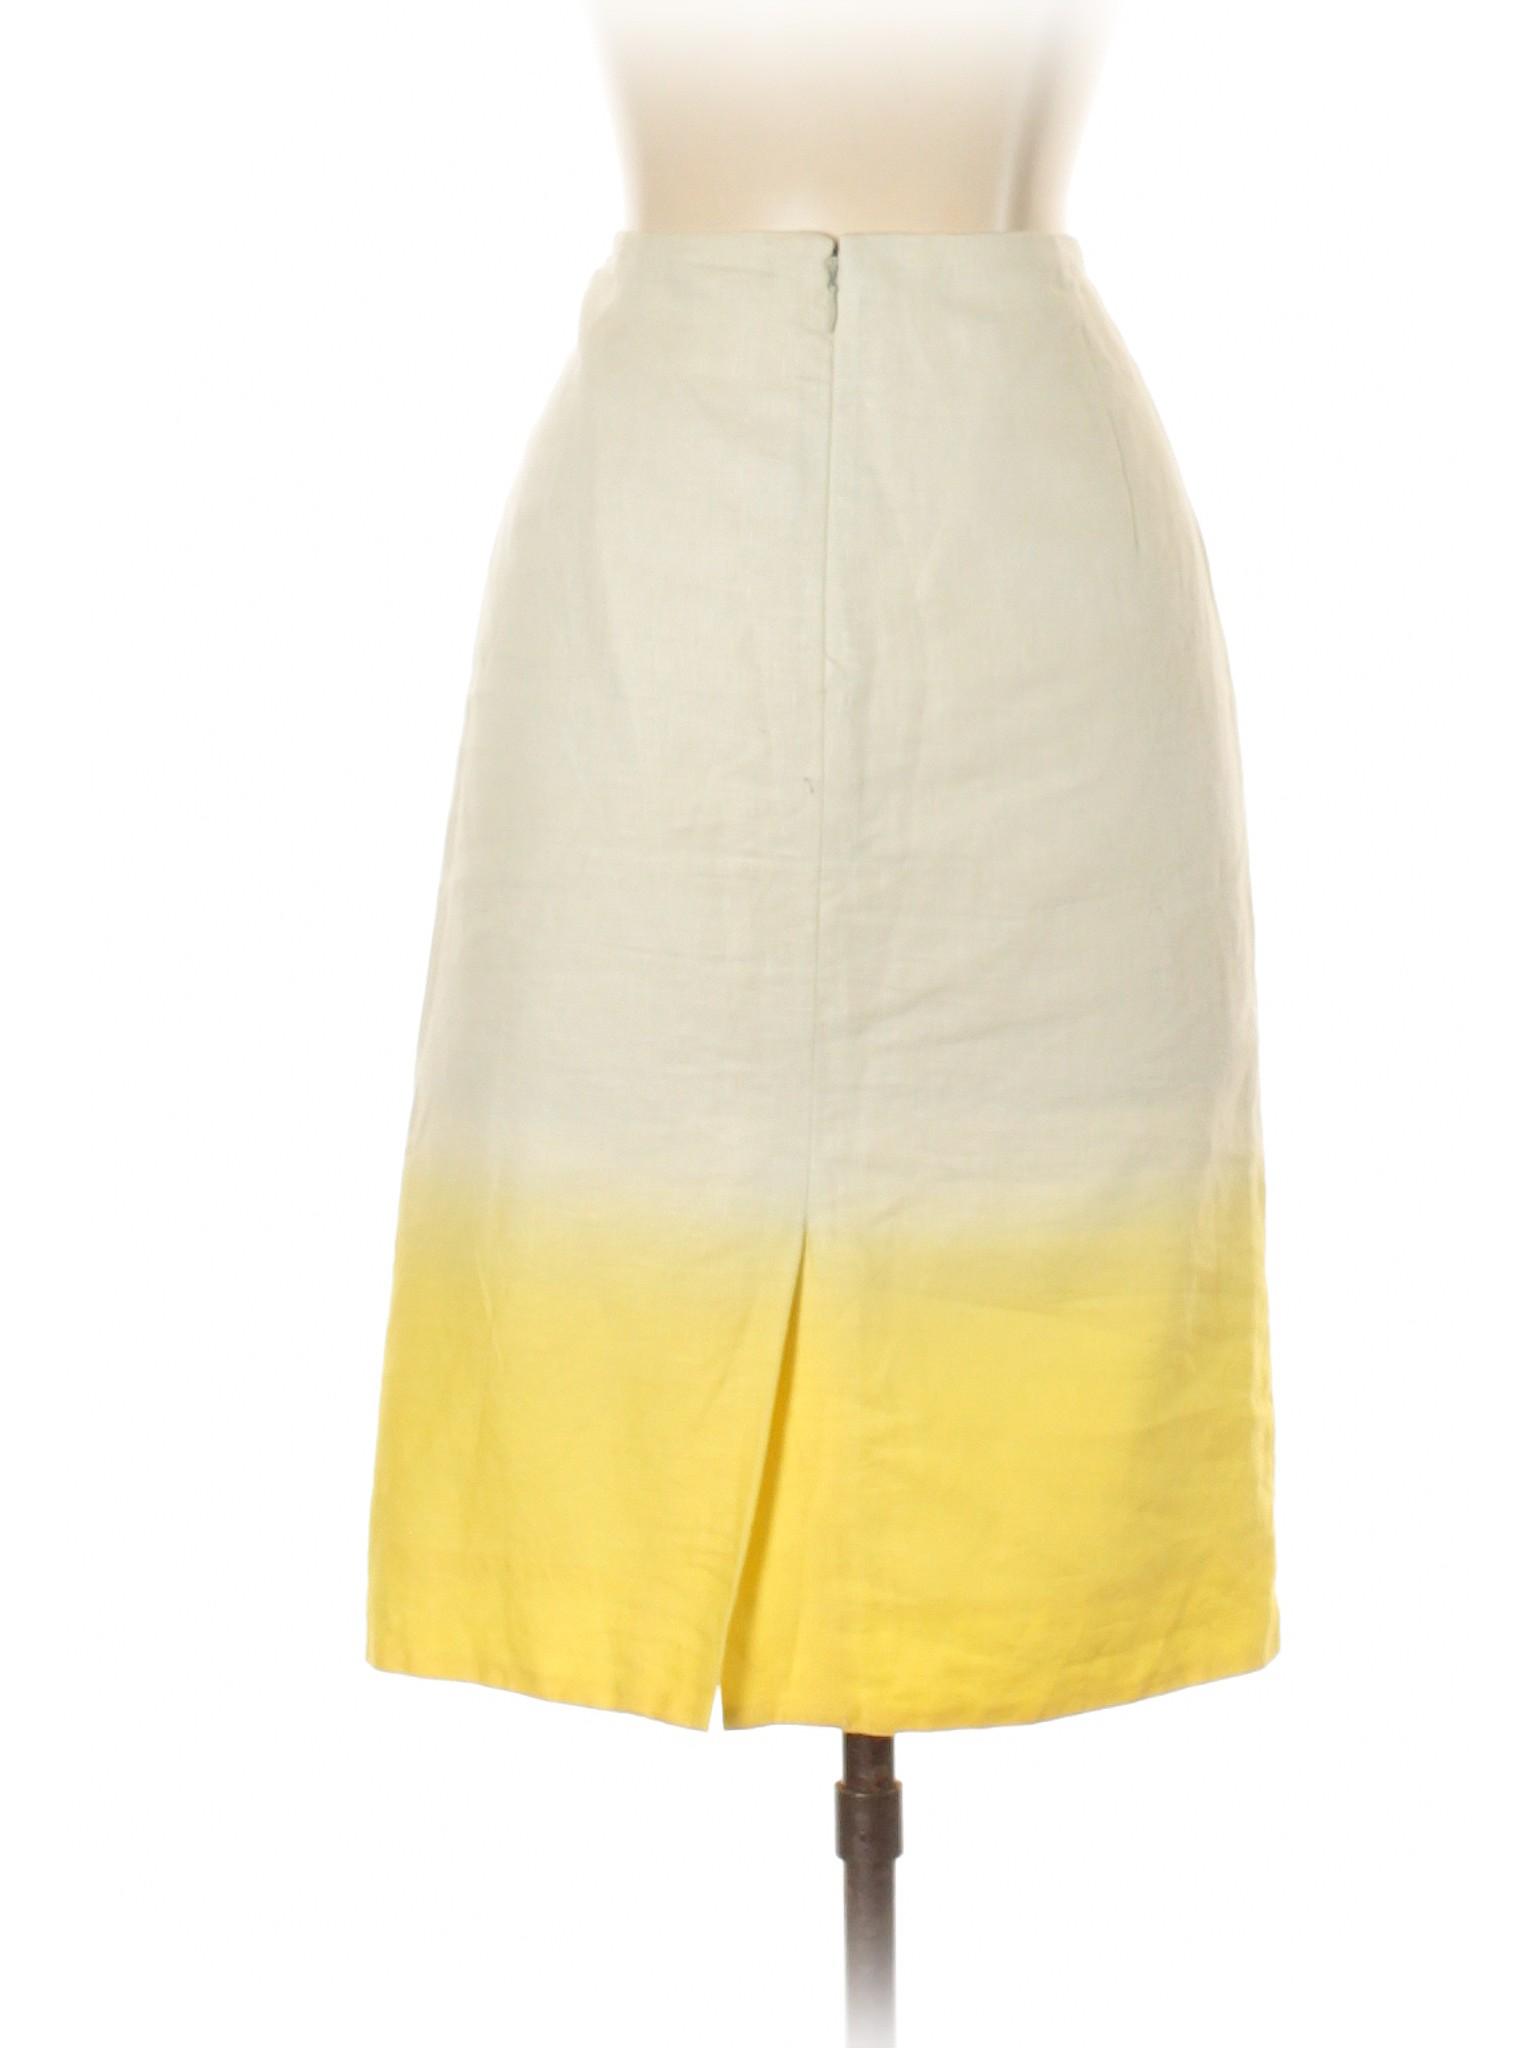 Skirt Boutique Casual Casual Casual Skirt Skirt Skirt Boutique Casual Boutique Skirt Boutique Boutique Casual Bzdqdw7RY